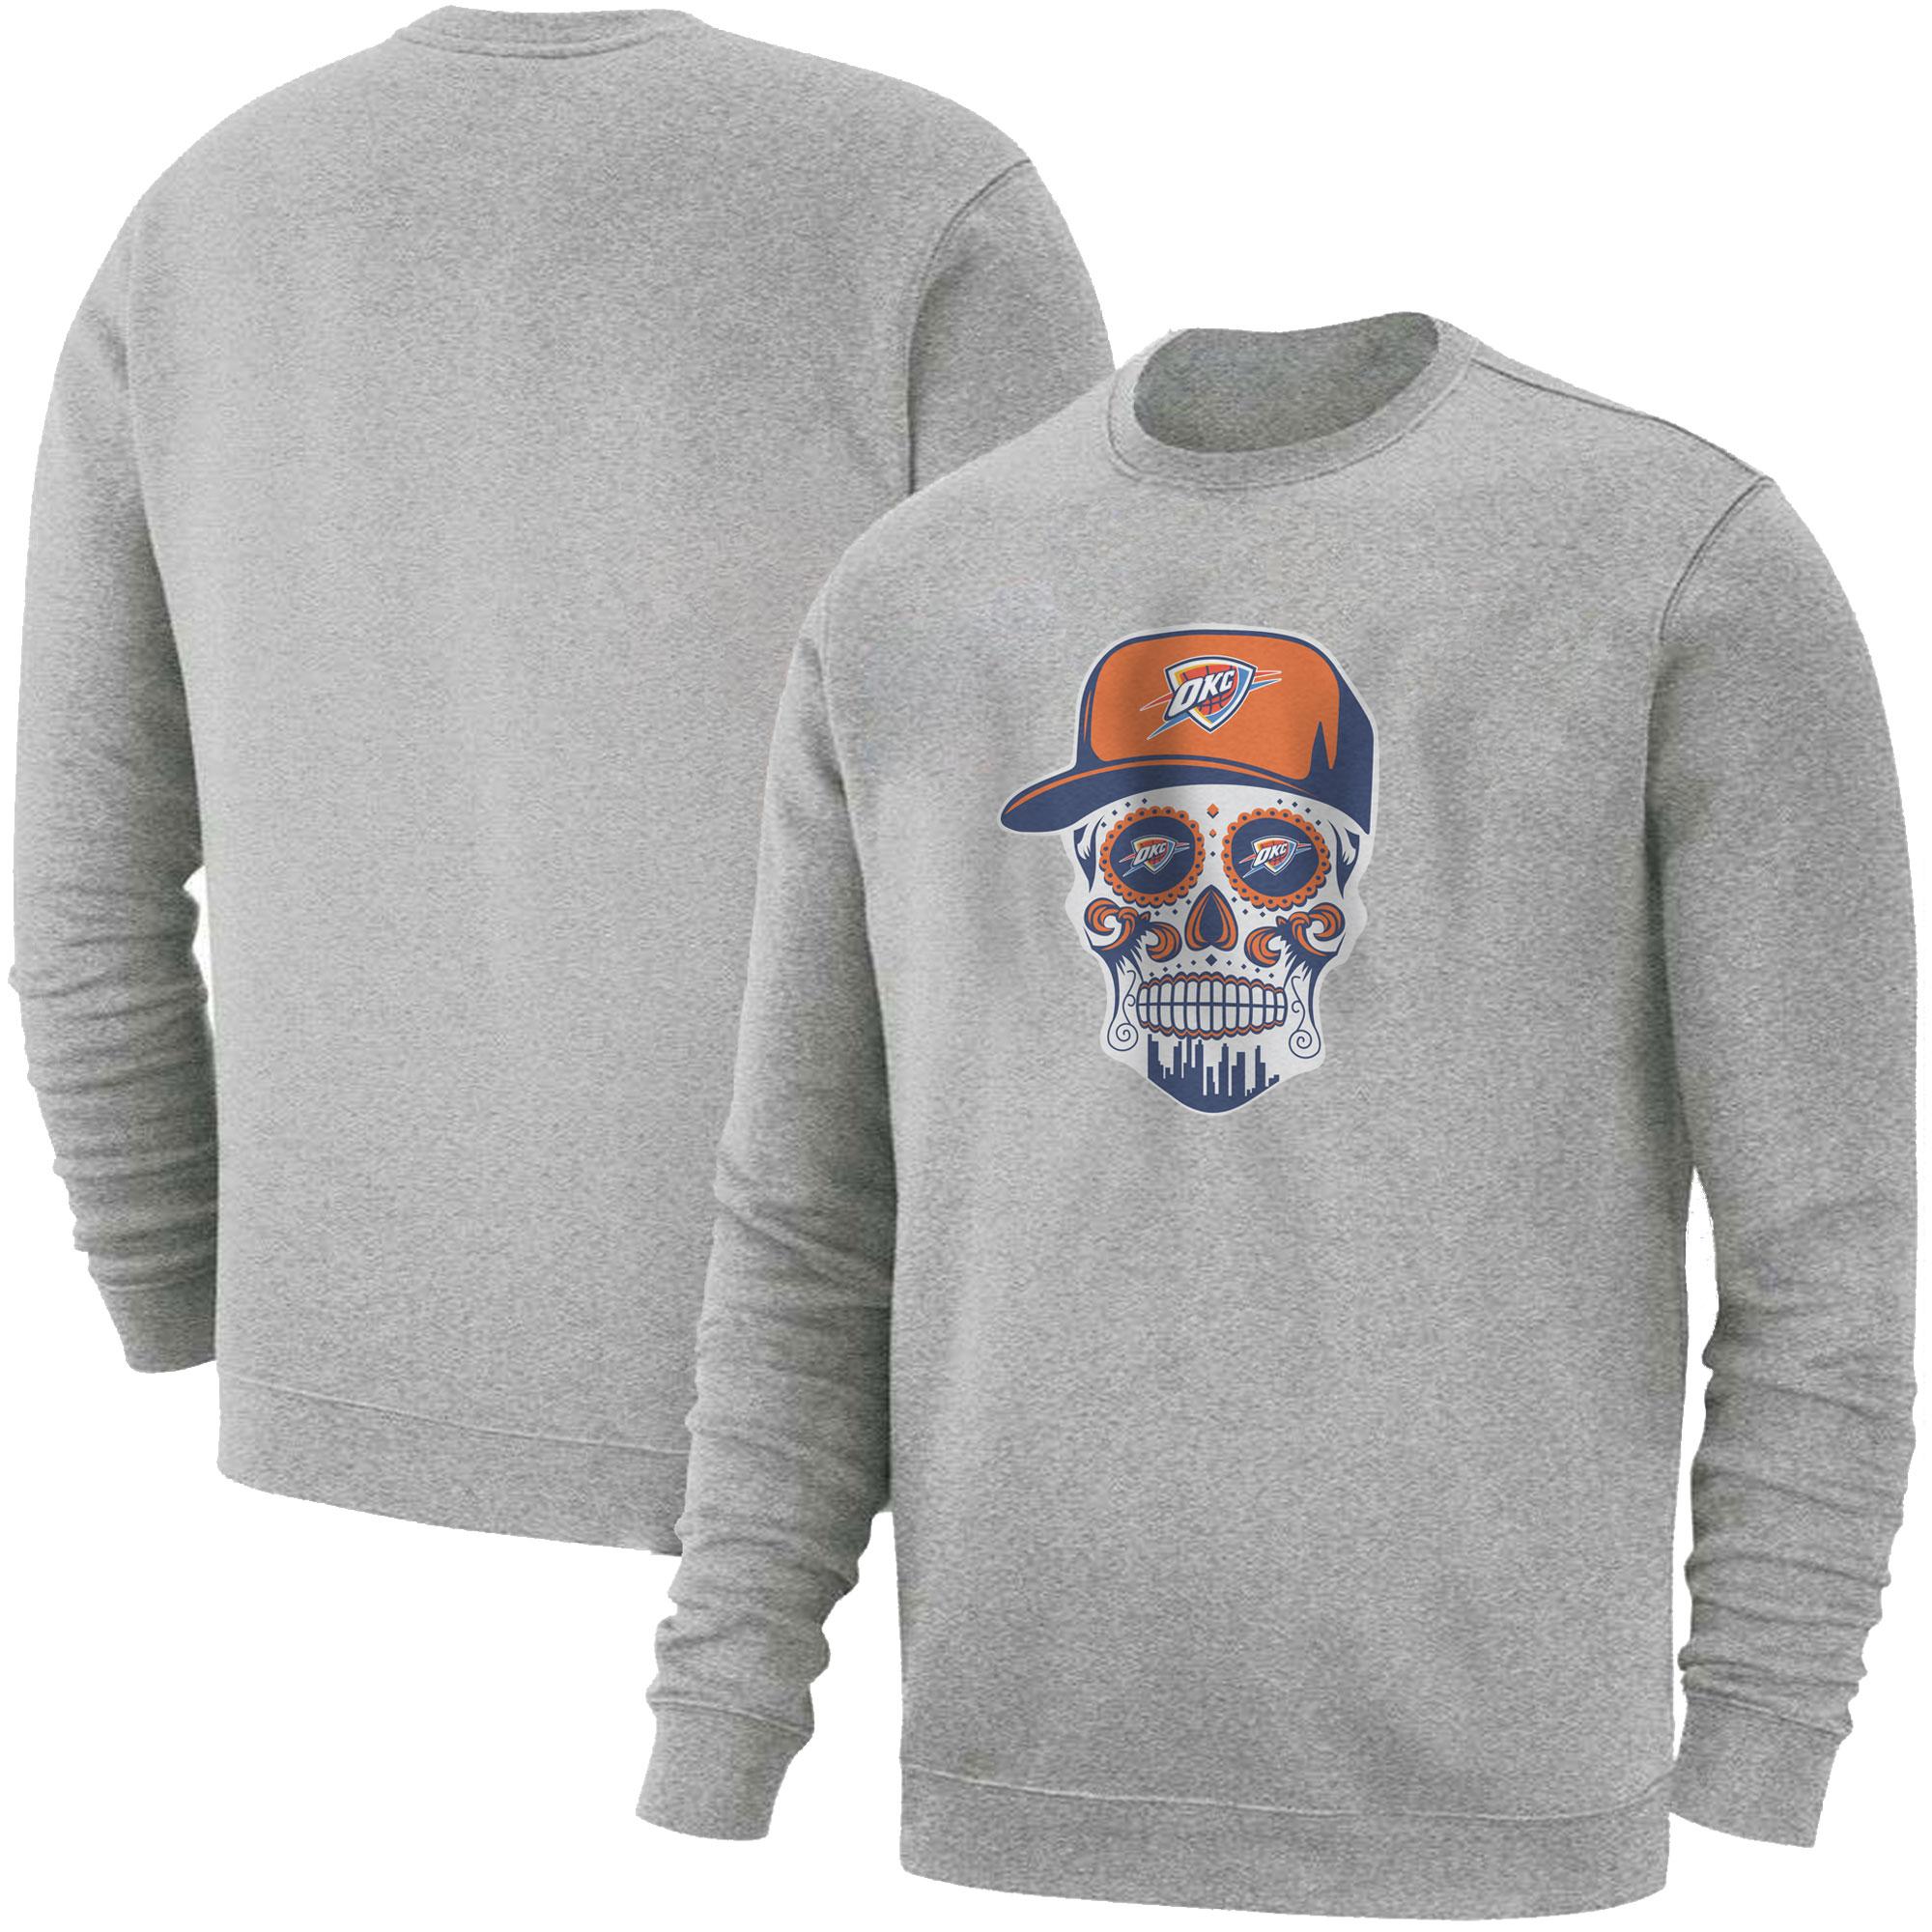 Thunder Skull  Basic (BSC-GRY-NP-459-NBA-OKC-SKULL)